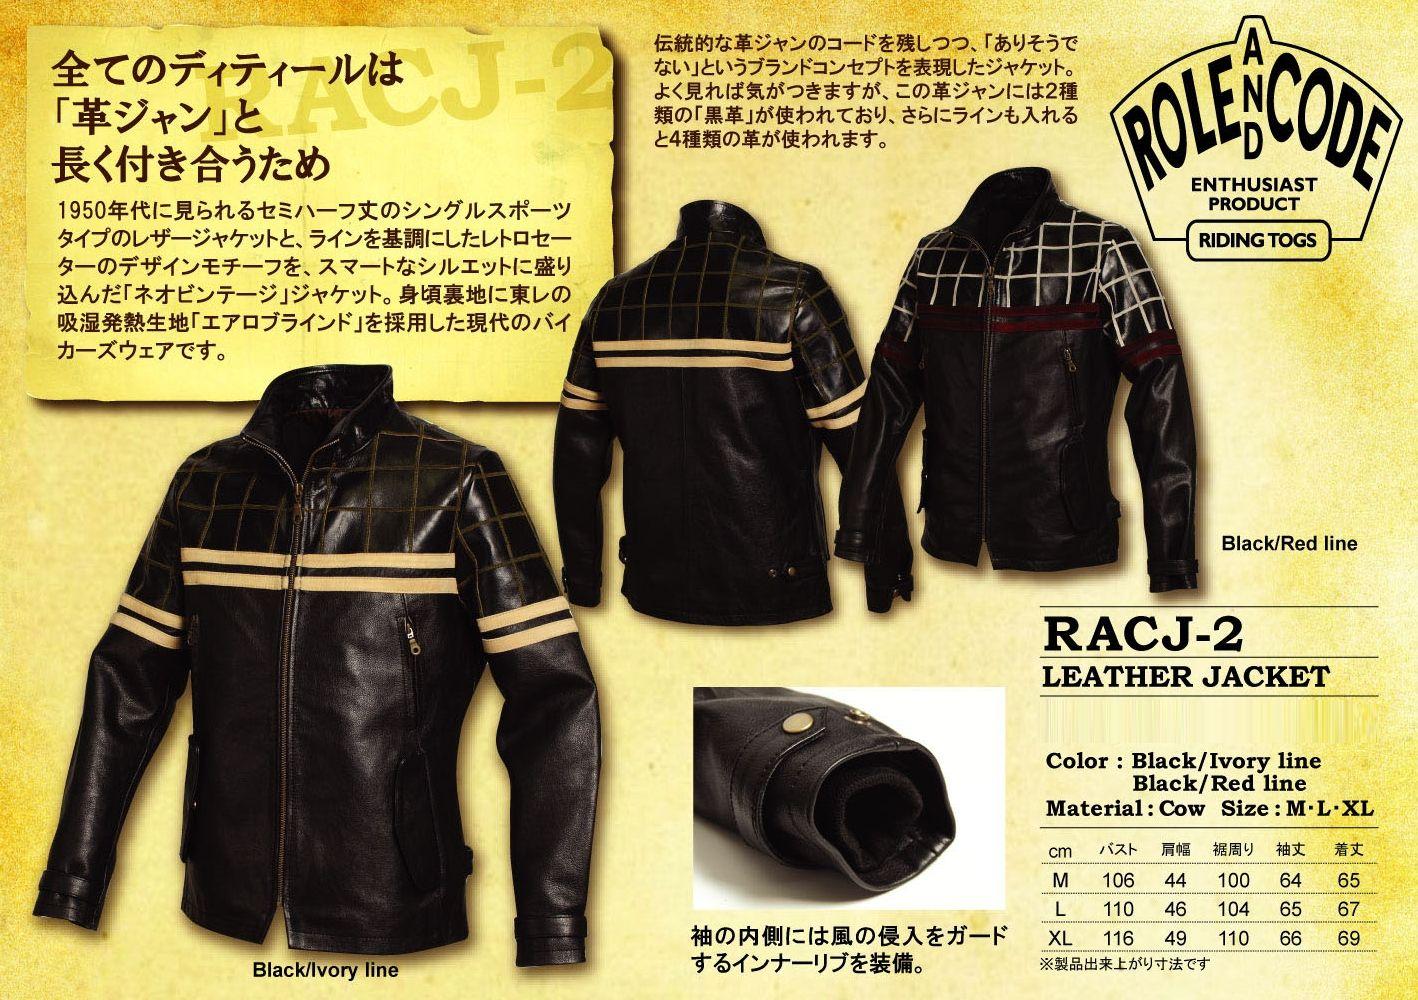 【DEGNER】皮革外套 【Roll And Code】 - 「Webike-摩托百貨」